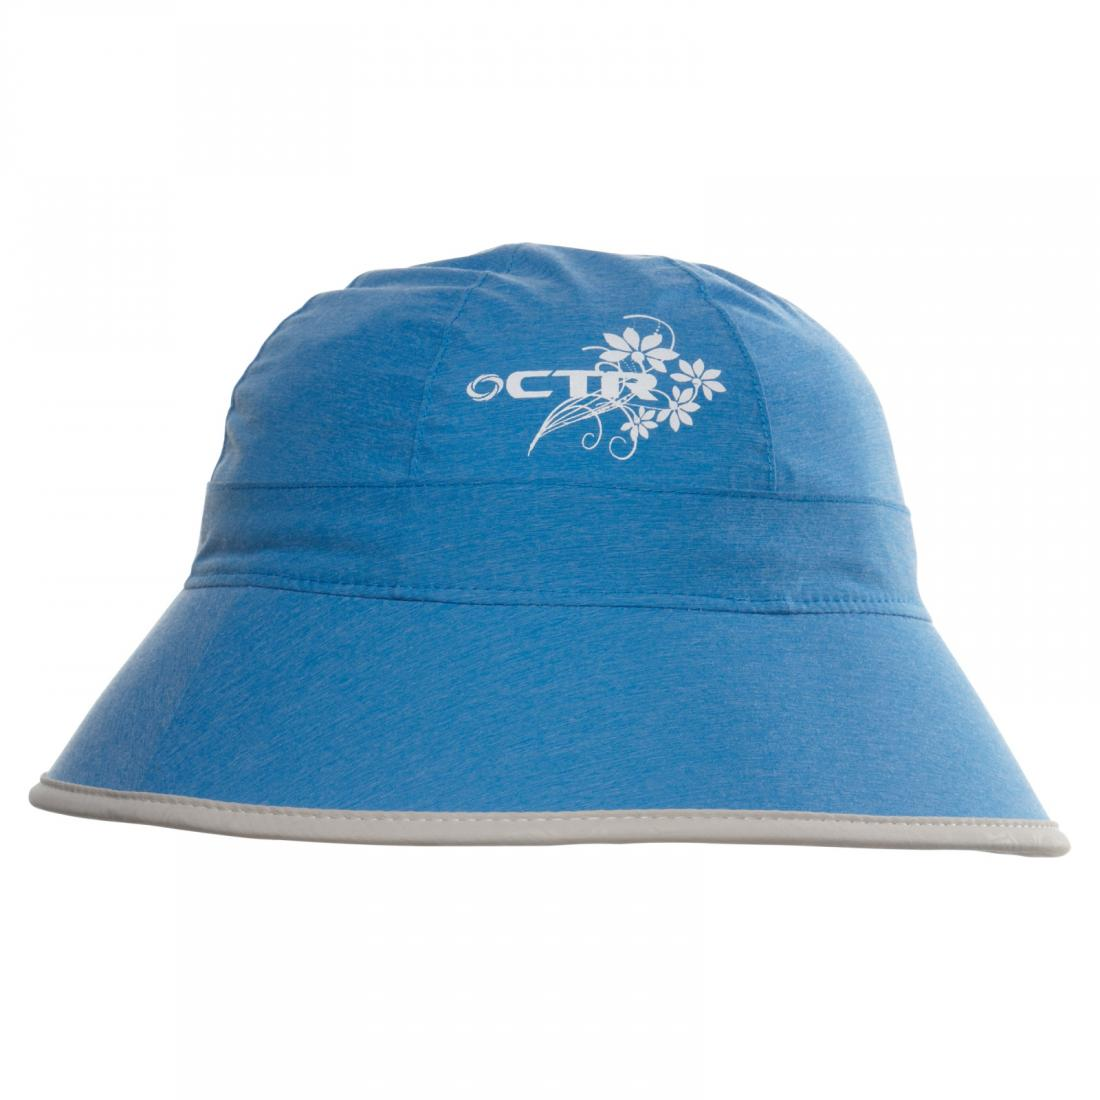 Панама Chaos  Stratus Cloche Rain Hat (женс)Панамы<br><br> Яркая дождевая женская панама Chaos Stratus Cloche Rain Hat станет отличным решением для пасмурного дня. Она функциональна и удобна, имеет привлекательный внешний вид и отличается высоким качеством материалов.<br><br><br>Панама выполнена из ...<br><br>Цвет: Голубой<br>Размер: L-XL